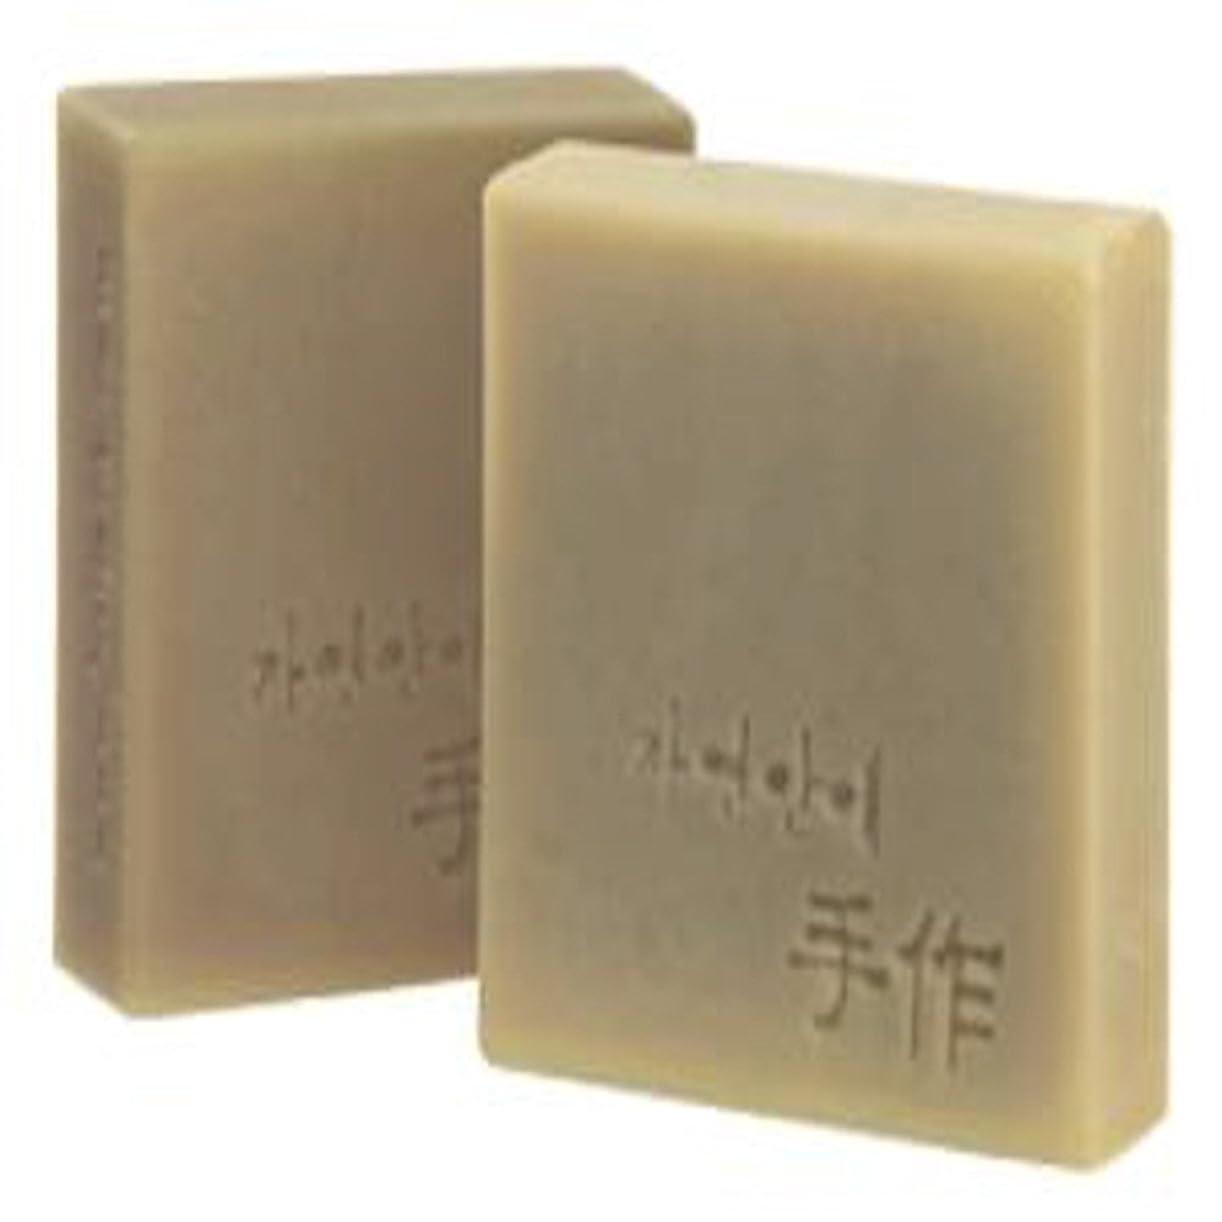 性能ブロックする変えるNatural organic 有機天然ソープ 固形 無添加 洗顔せっけん [並行輸入品] (SousAre)